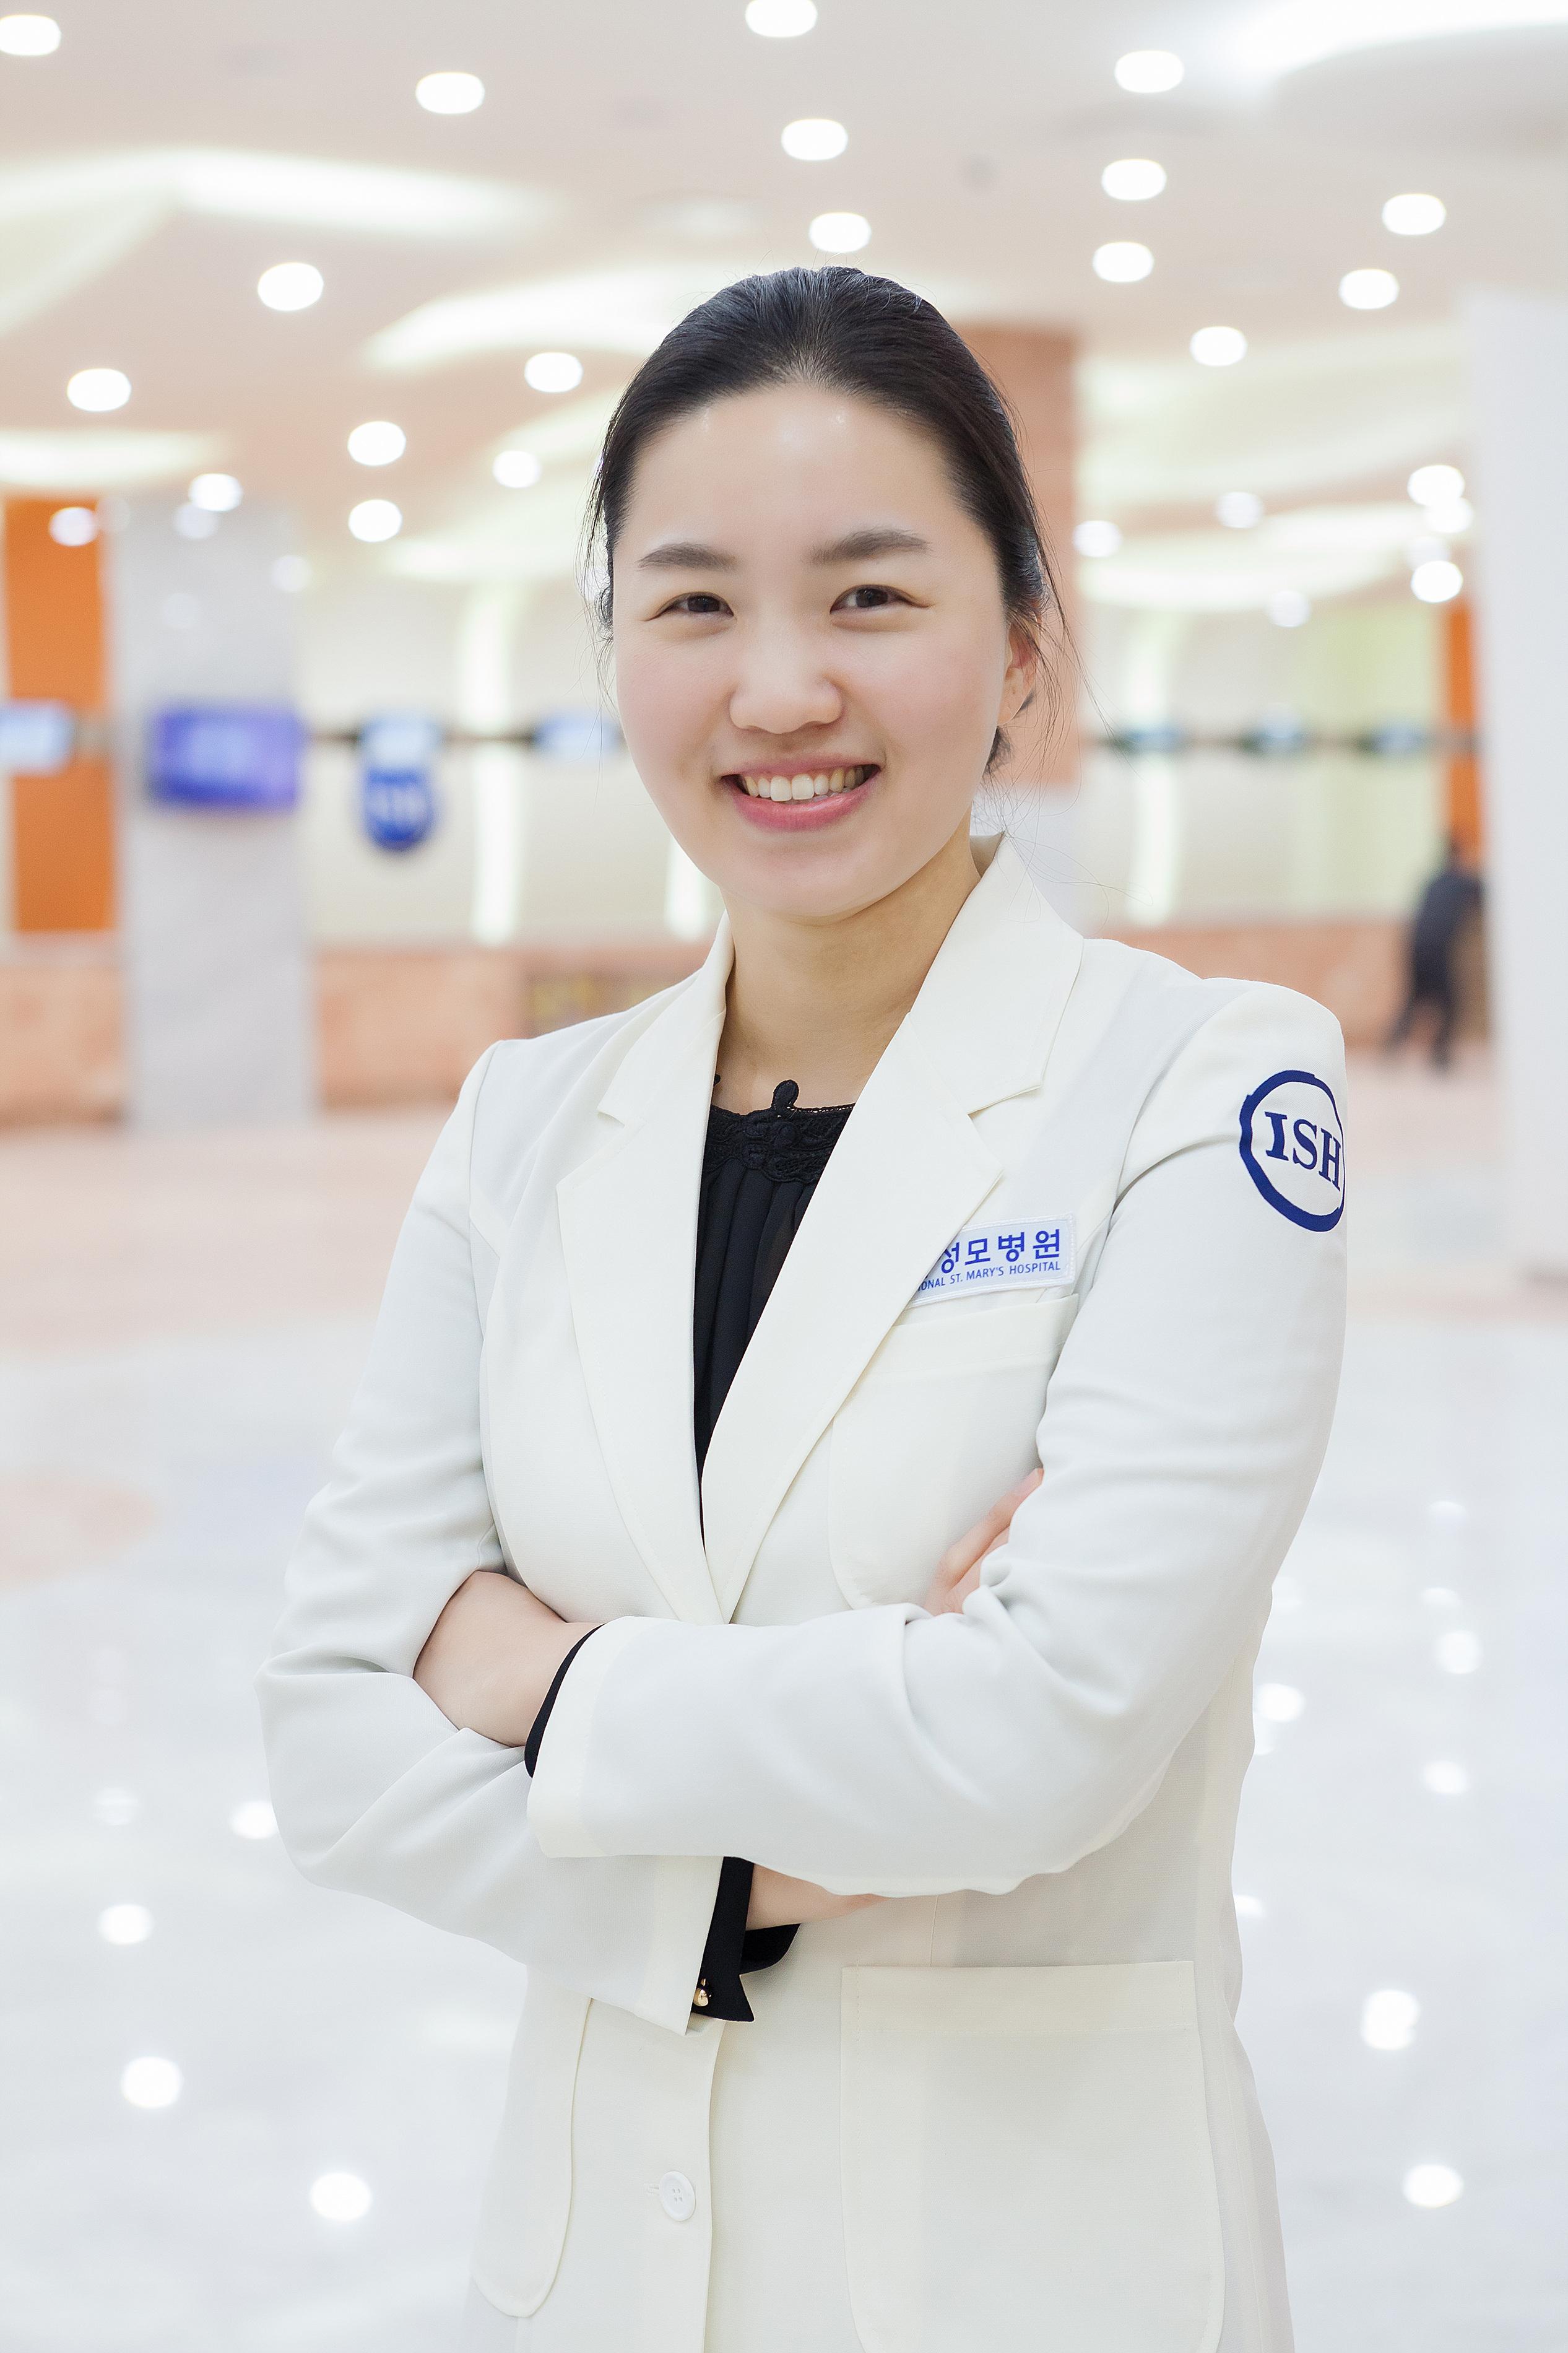 Hae Min Kang